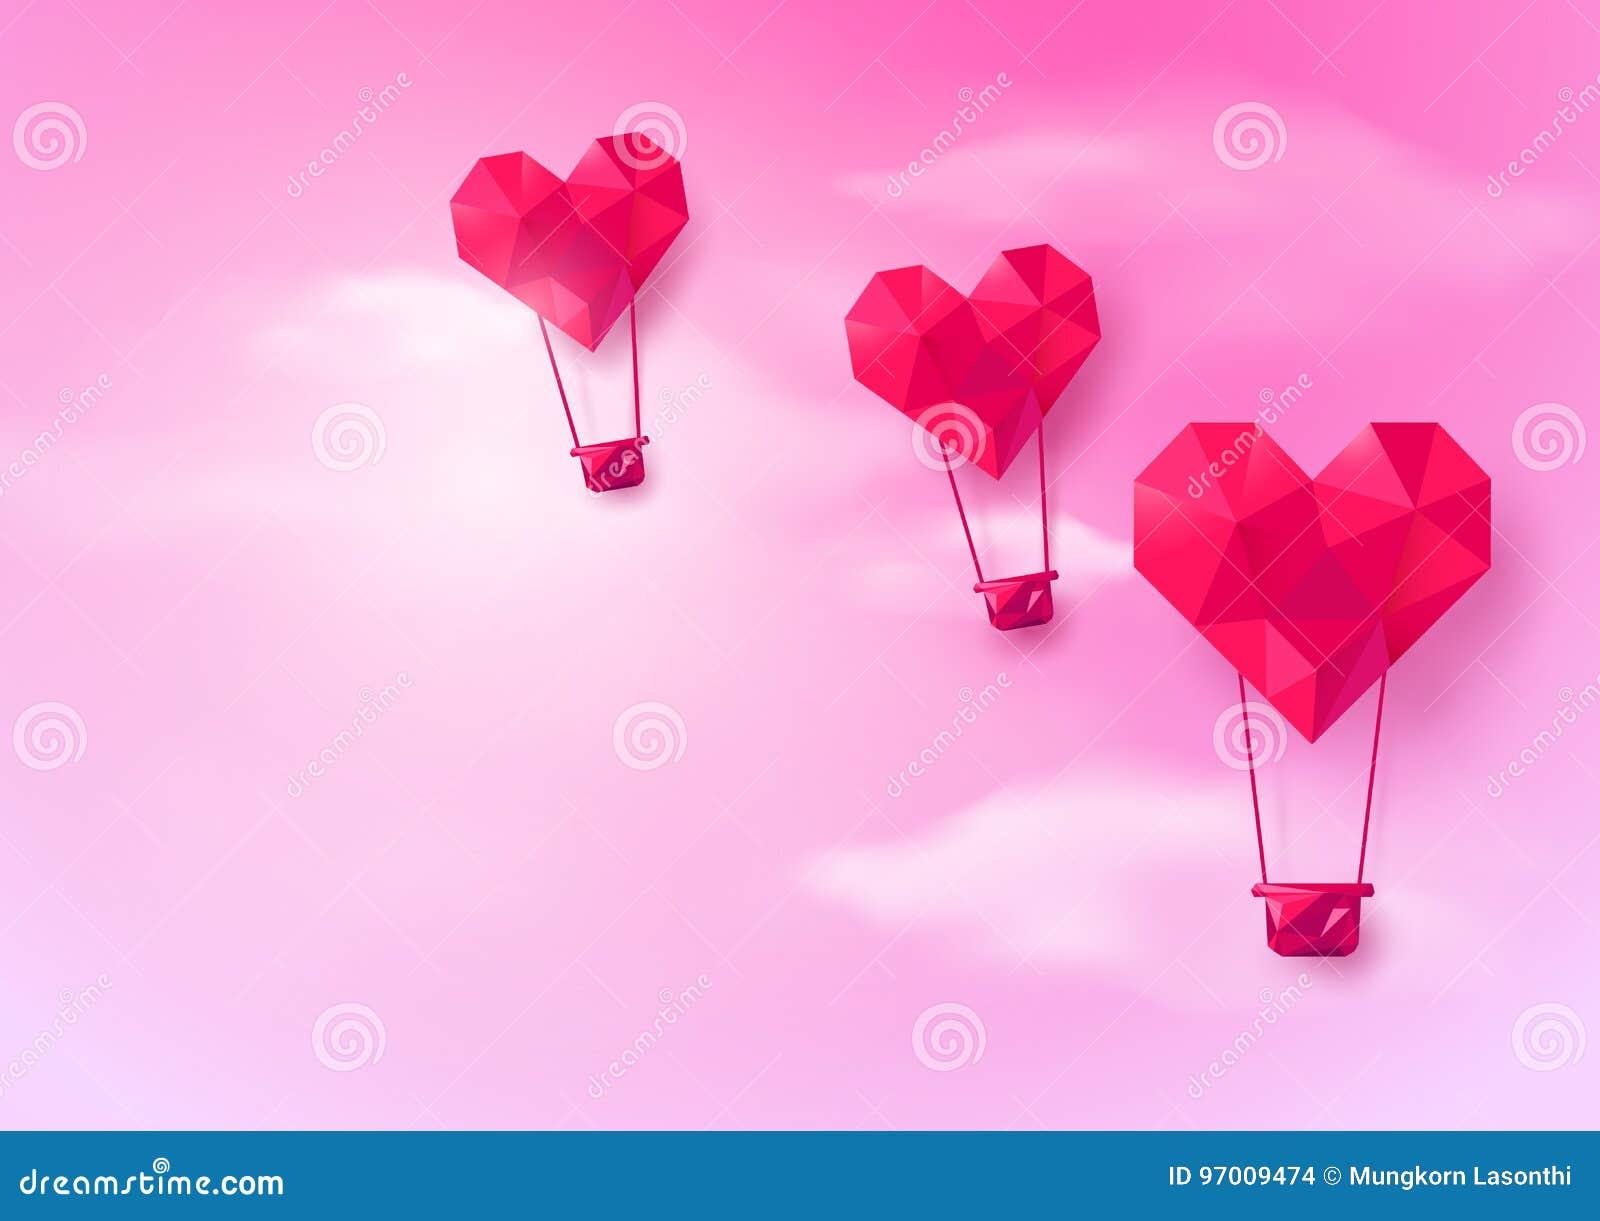 Καρδιά μπαλονιών ζεστού αέρα που διαμορφώνεται πέταγμα στο ρόδινο υπόβαθρο ουρανού